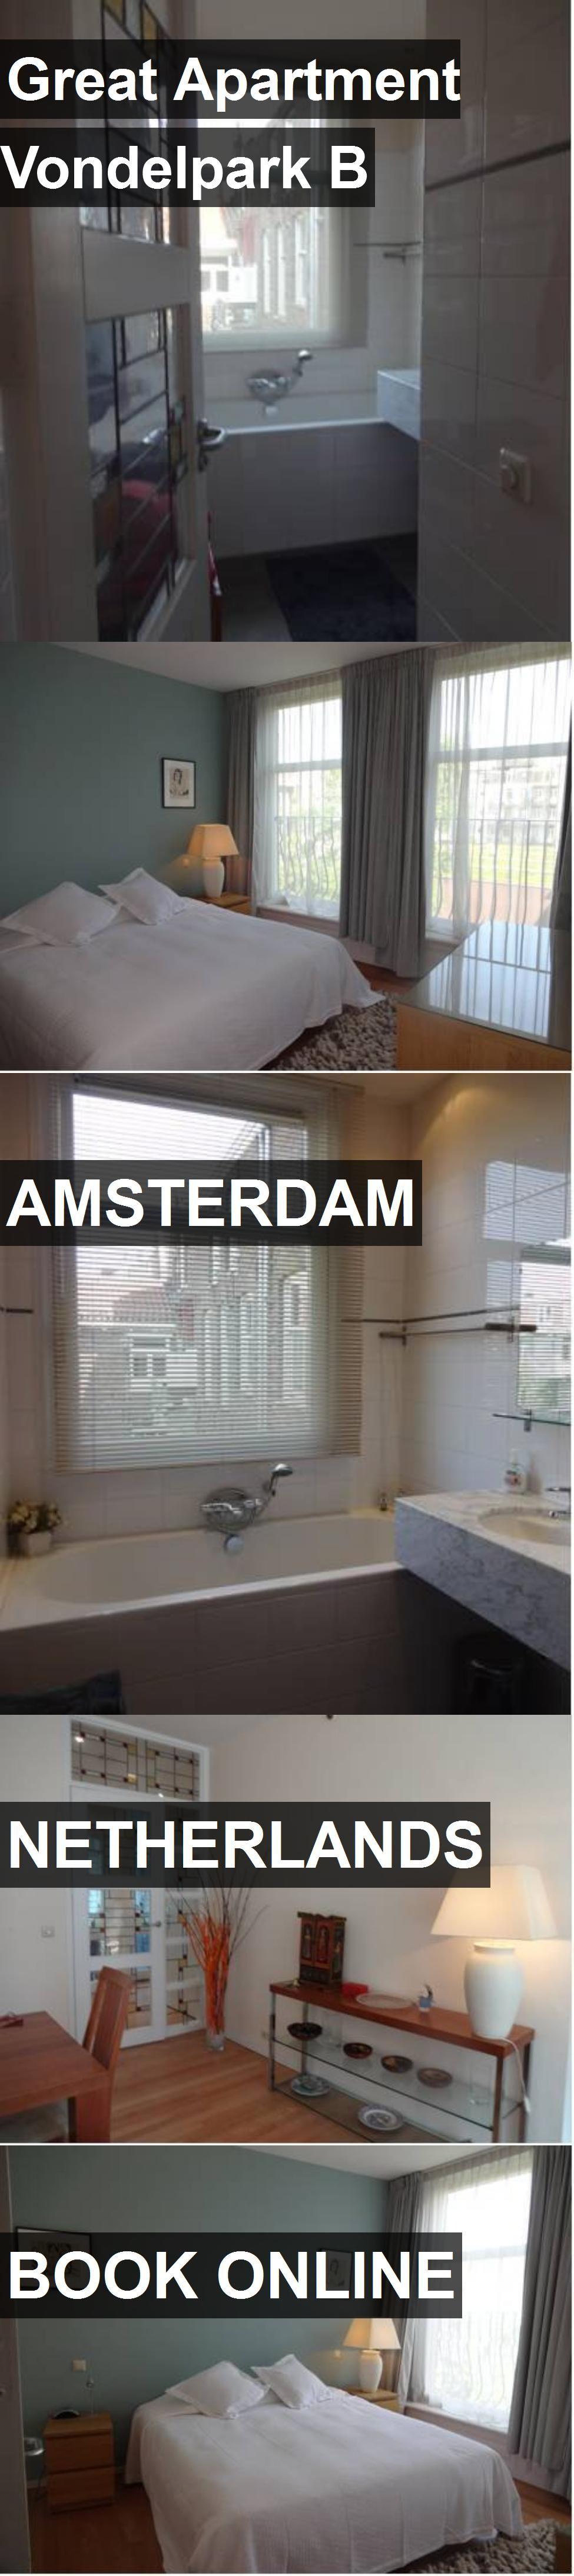 Great Apartment Vondelpark B in Amsterdam, Netherlands ...